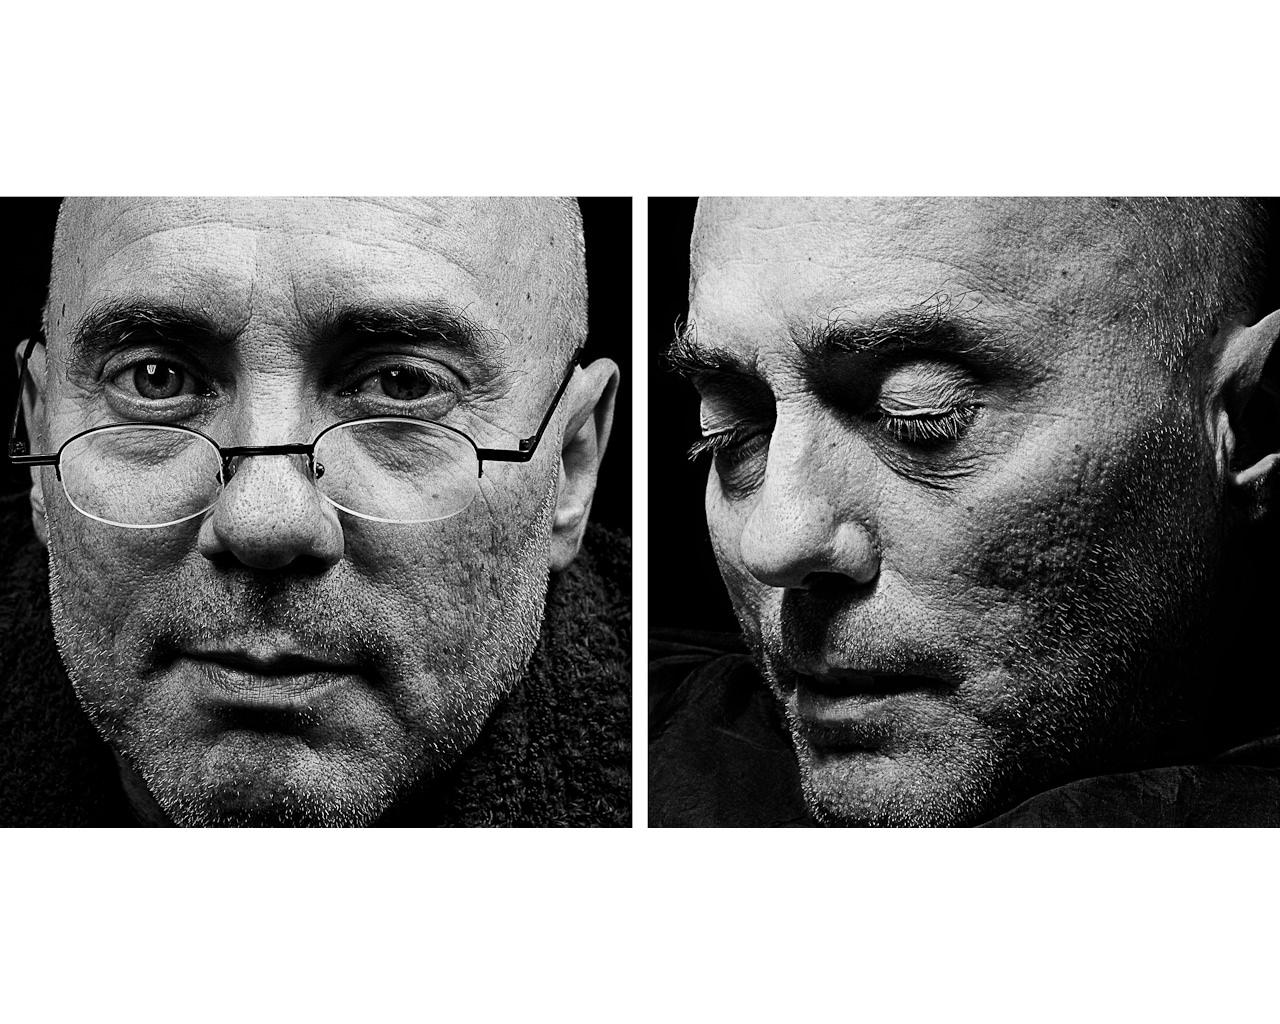 Heiner Schmitz, 52 Jahre alt, 19.11.2003 und 14.12.2003